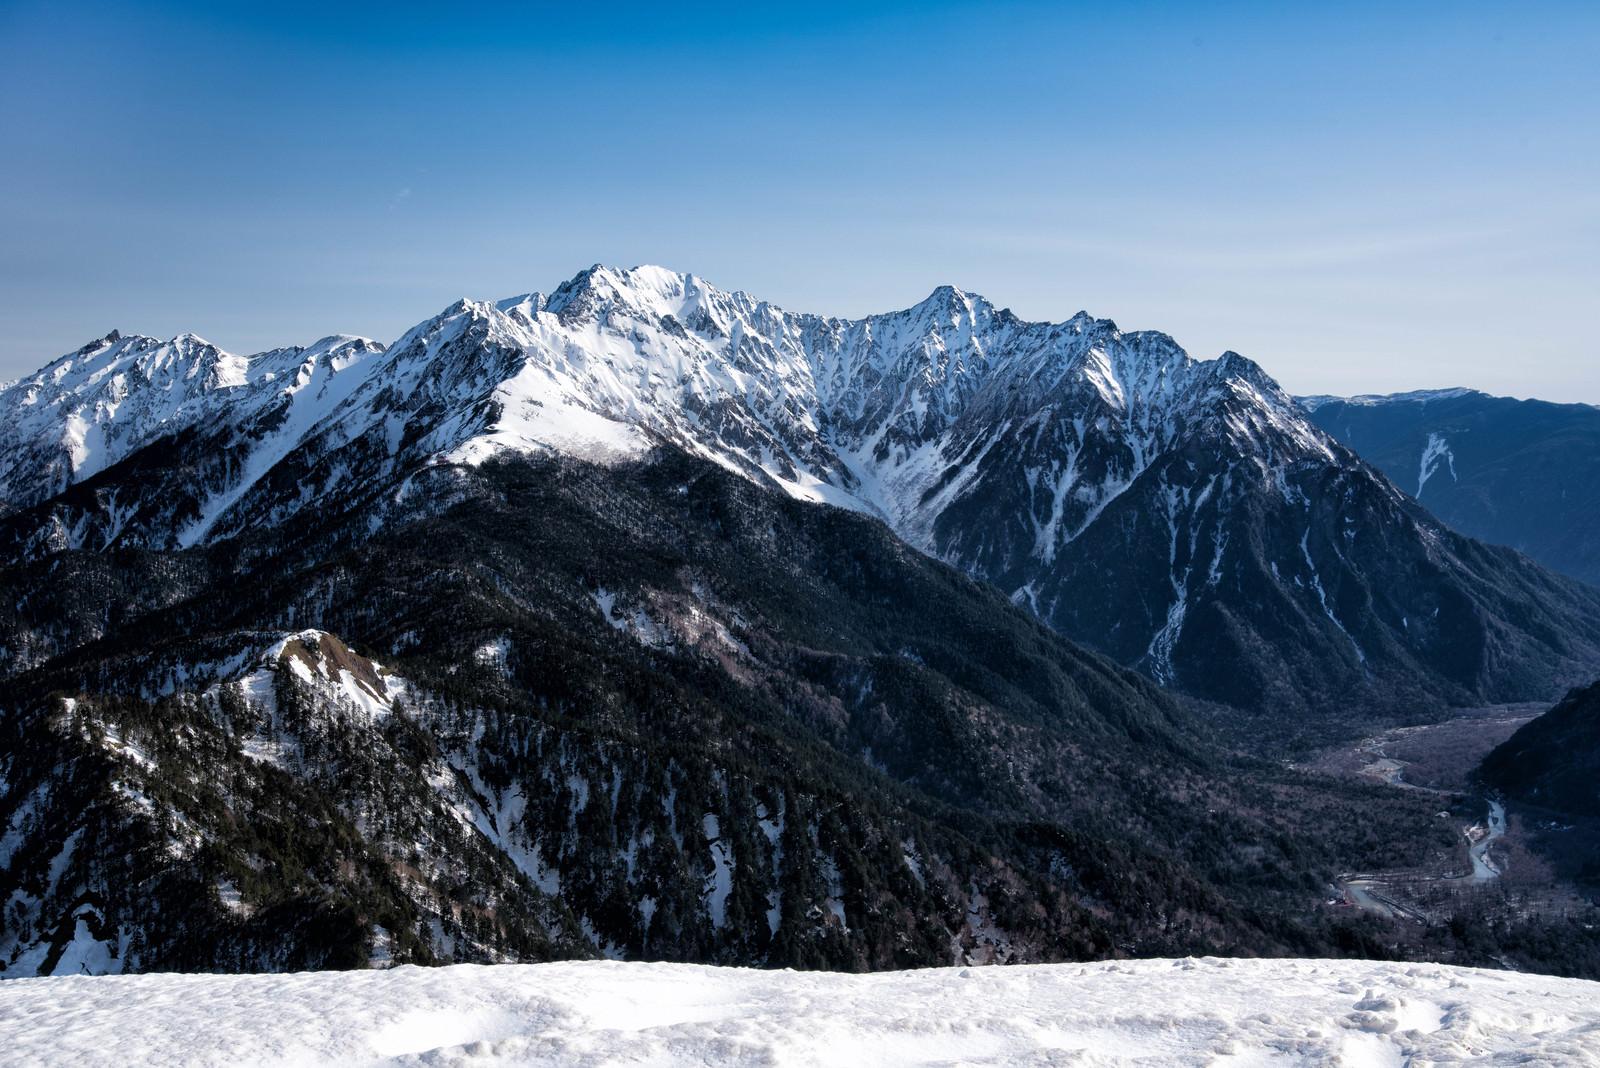 「春なお雪深い穂高連峰」の写真